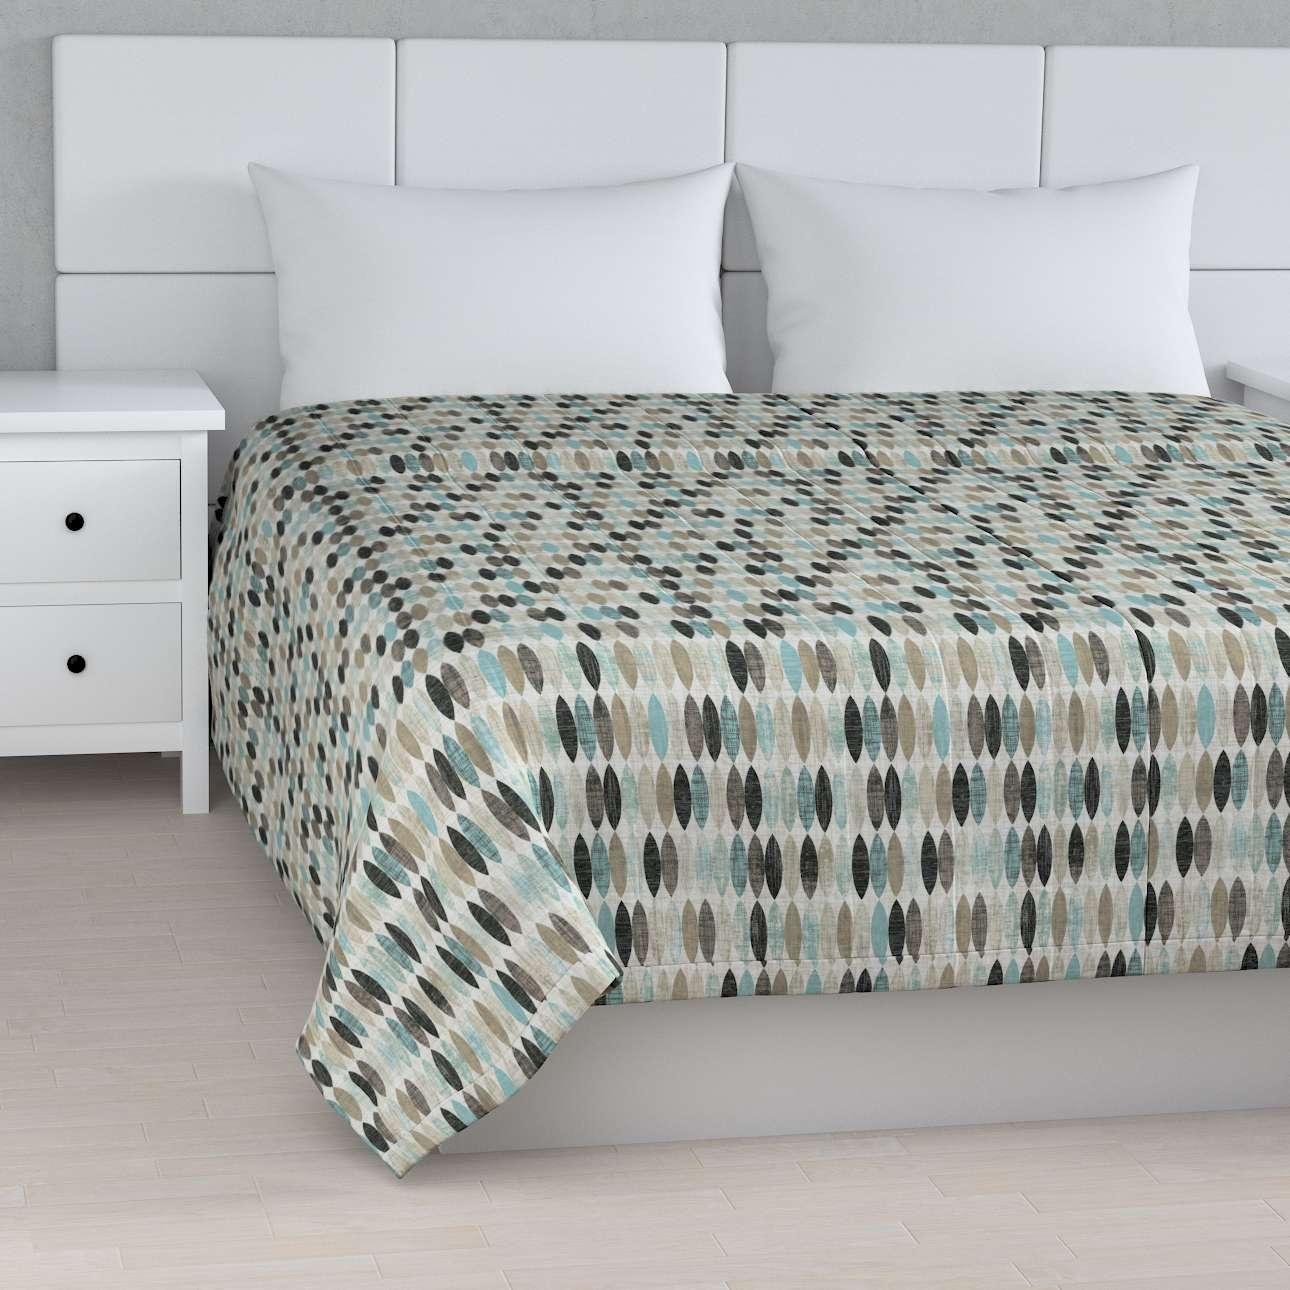 Tagesdecke mit Streifen-Steppung von der Kollektion Modern, Stoff: 141-91